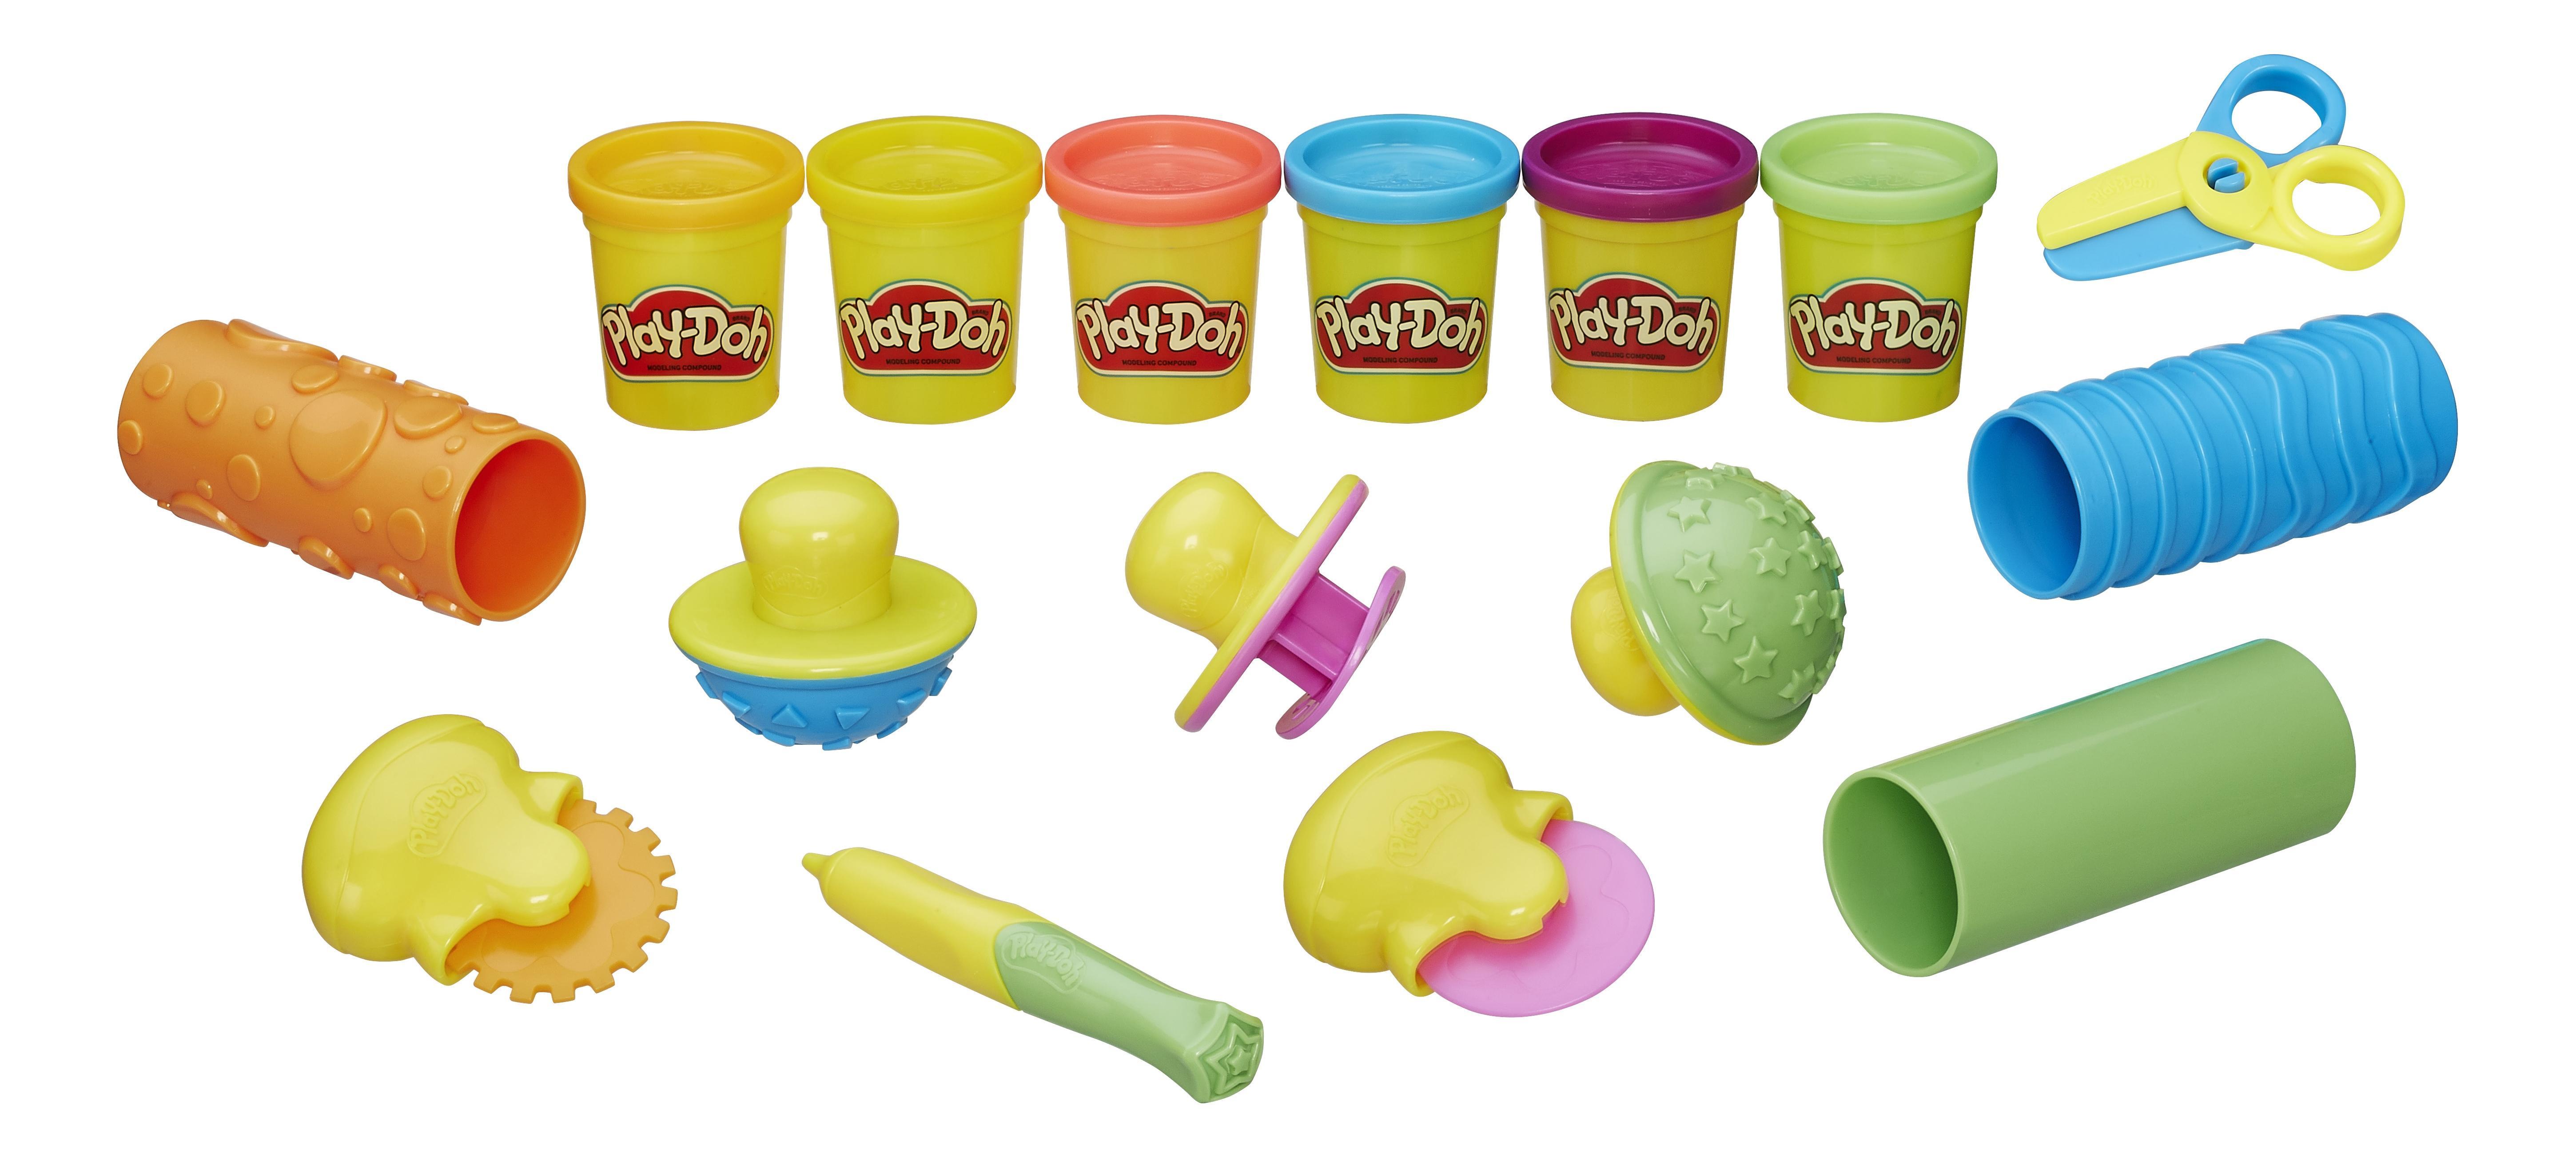 Купить Набор для лепки из пластилина play-doh b3408, Лепка